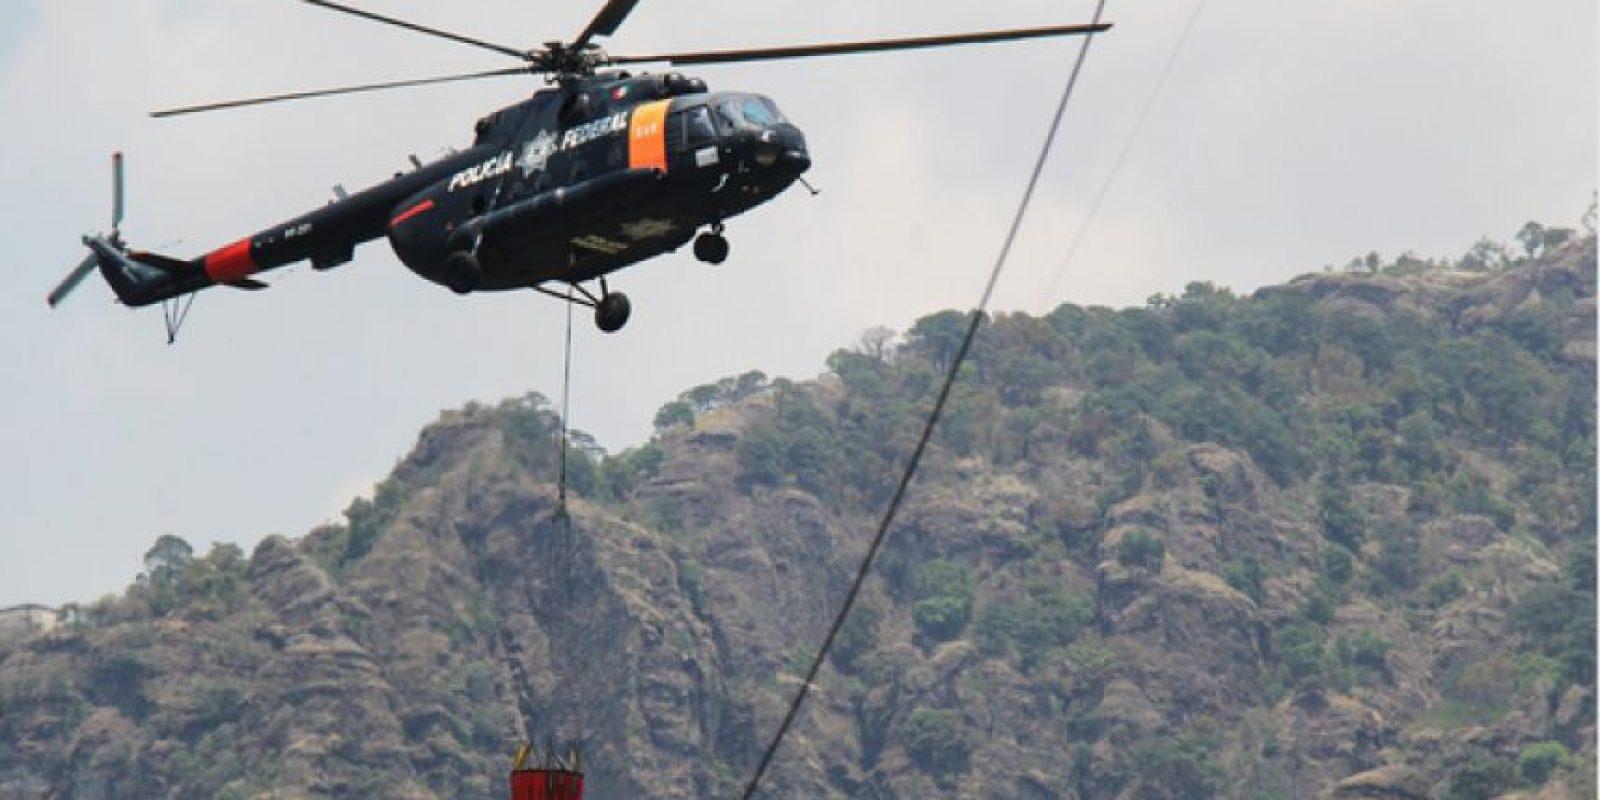 Se 18 descargas de agua con apoyo de los helicópteros del Estado de México, la Secretaría de Marina la Policía Federal. Foto:Cuartoscuro